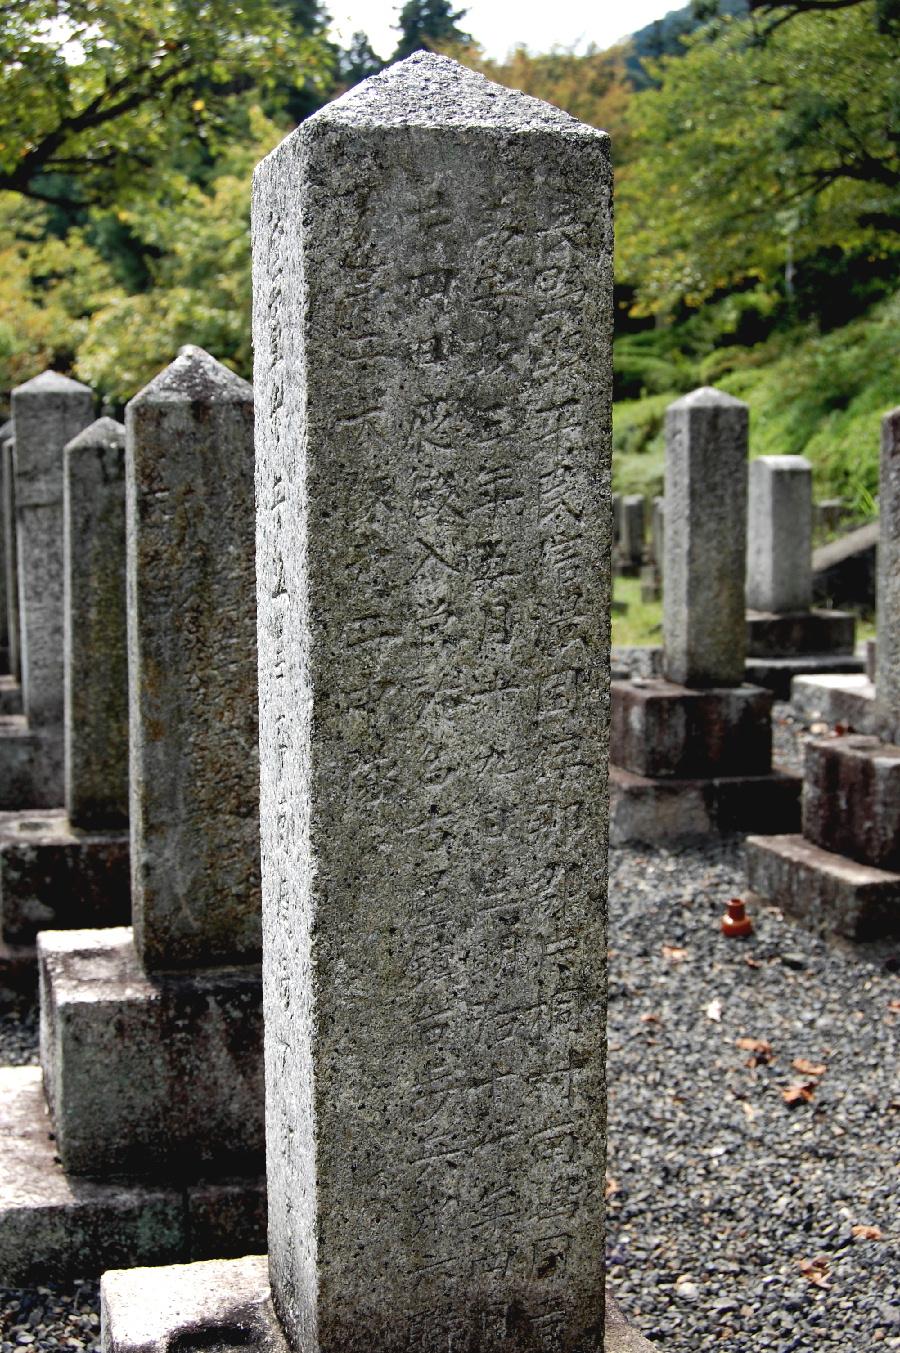 Kブロックの墓碑には履歴が刻まれています